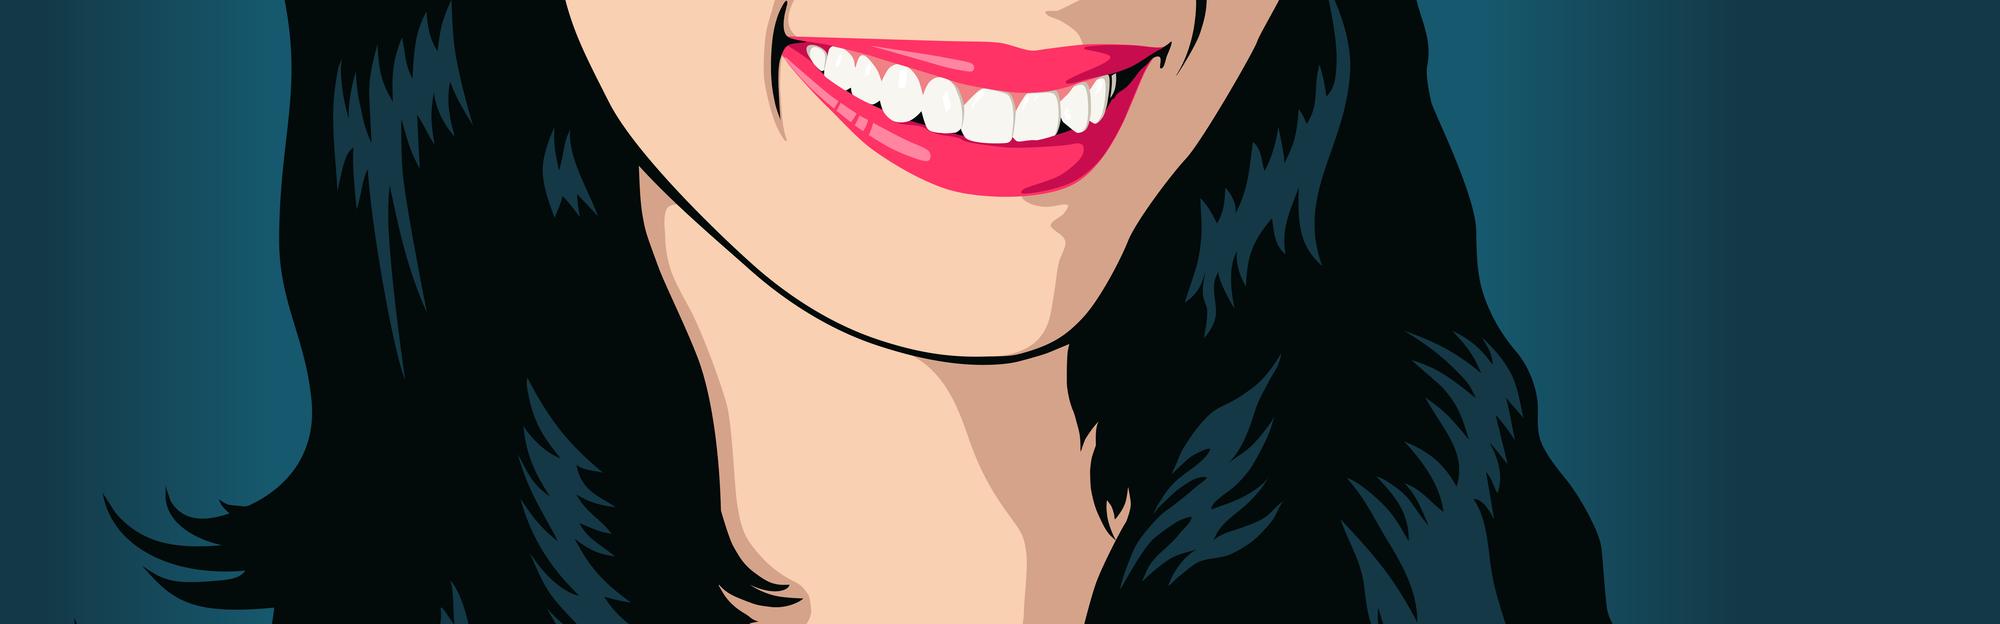 Ästethische Zahnmedizin, Bleaching, Veneers, Aligner und Pink Esthetics - Zahnarztpraxis Zahnfair in Zürich